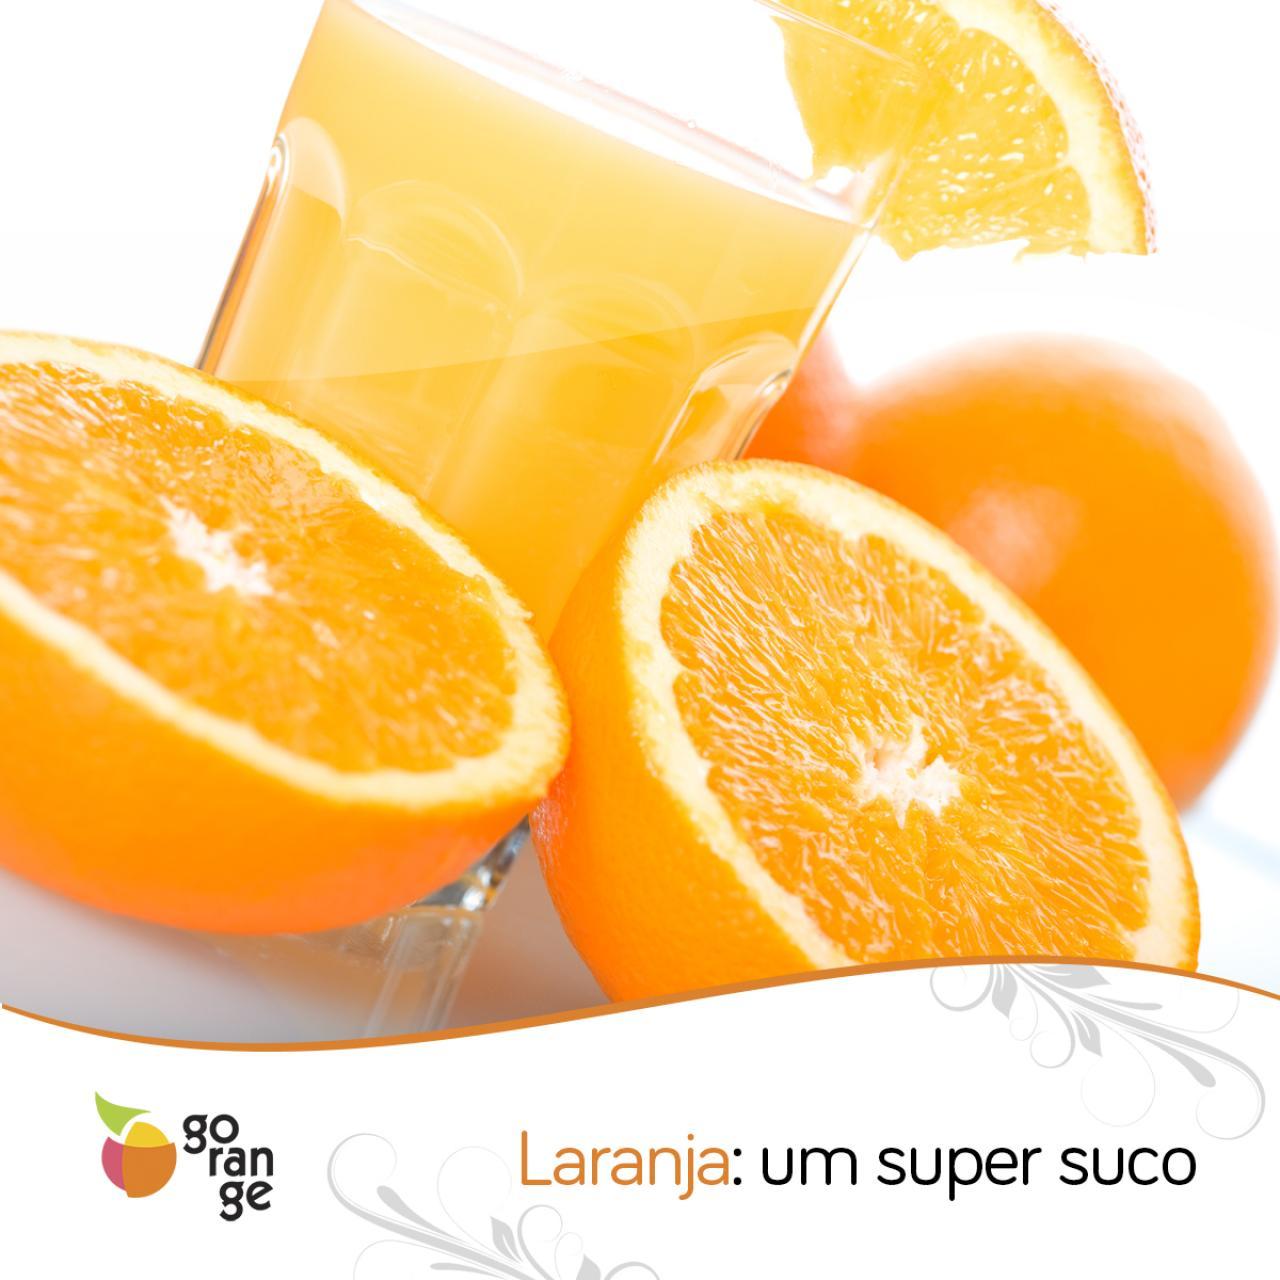 Inicie a semana com um super suco de laranja